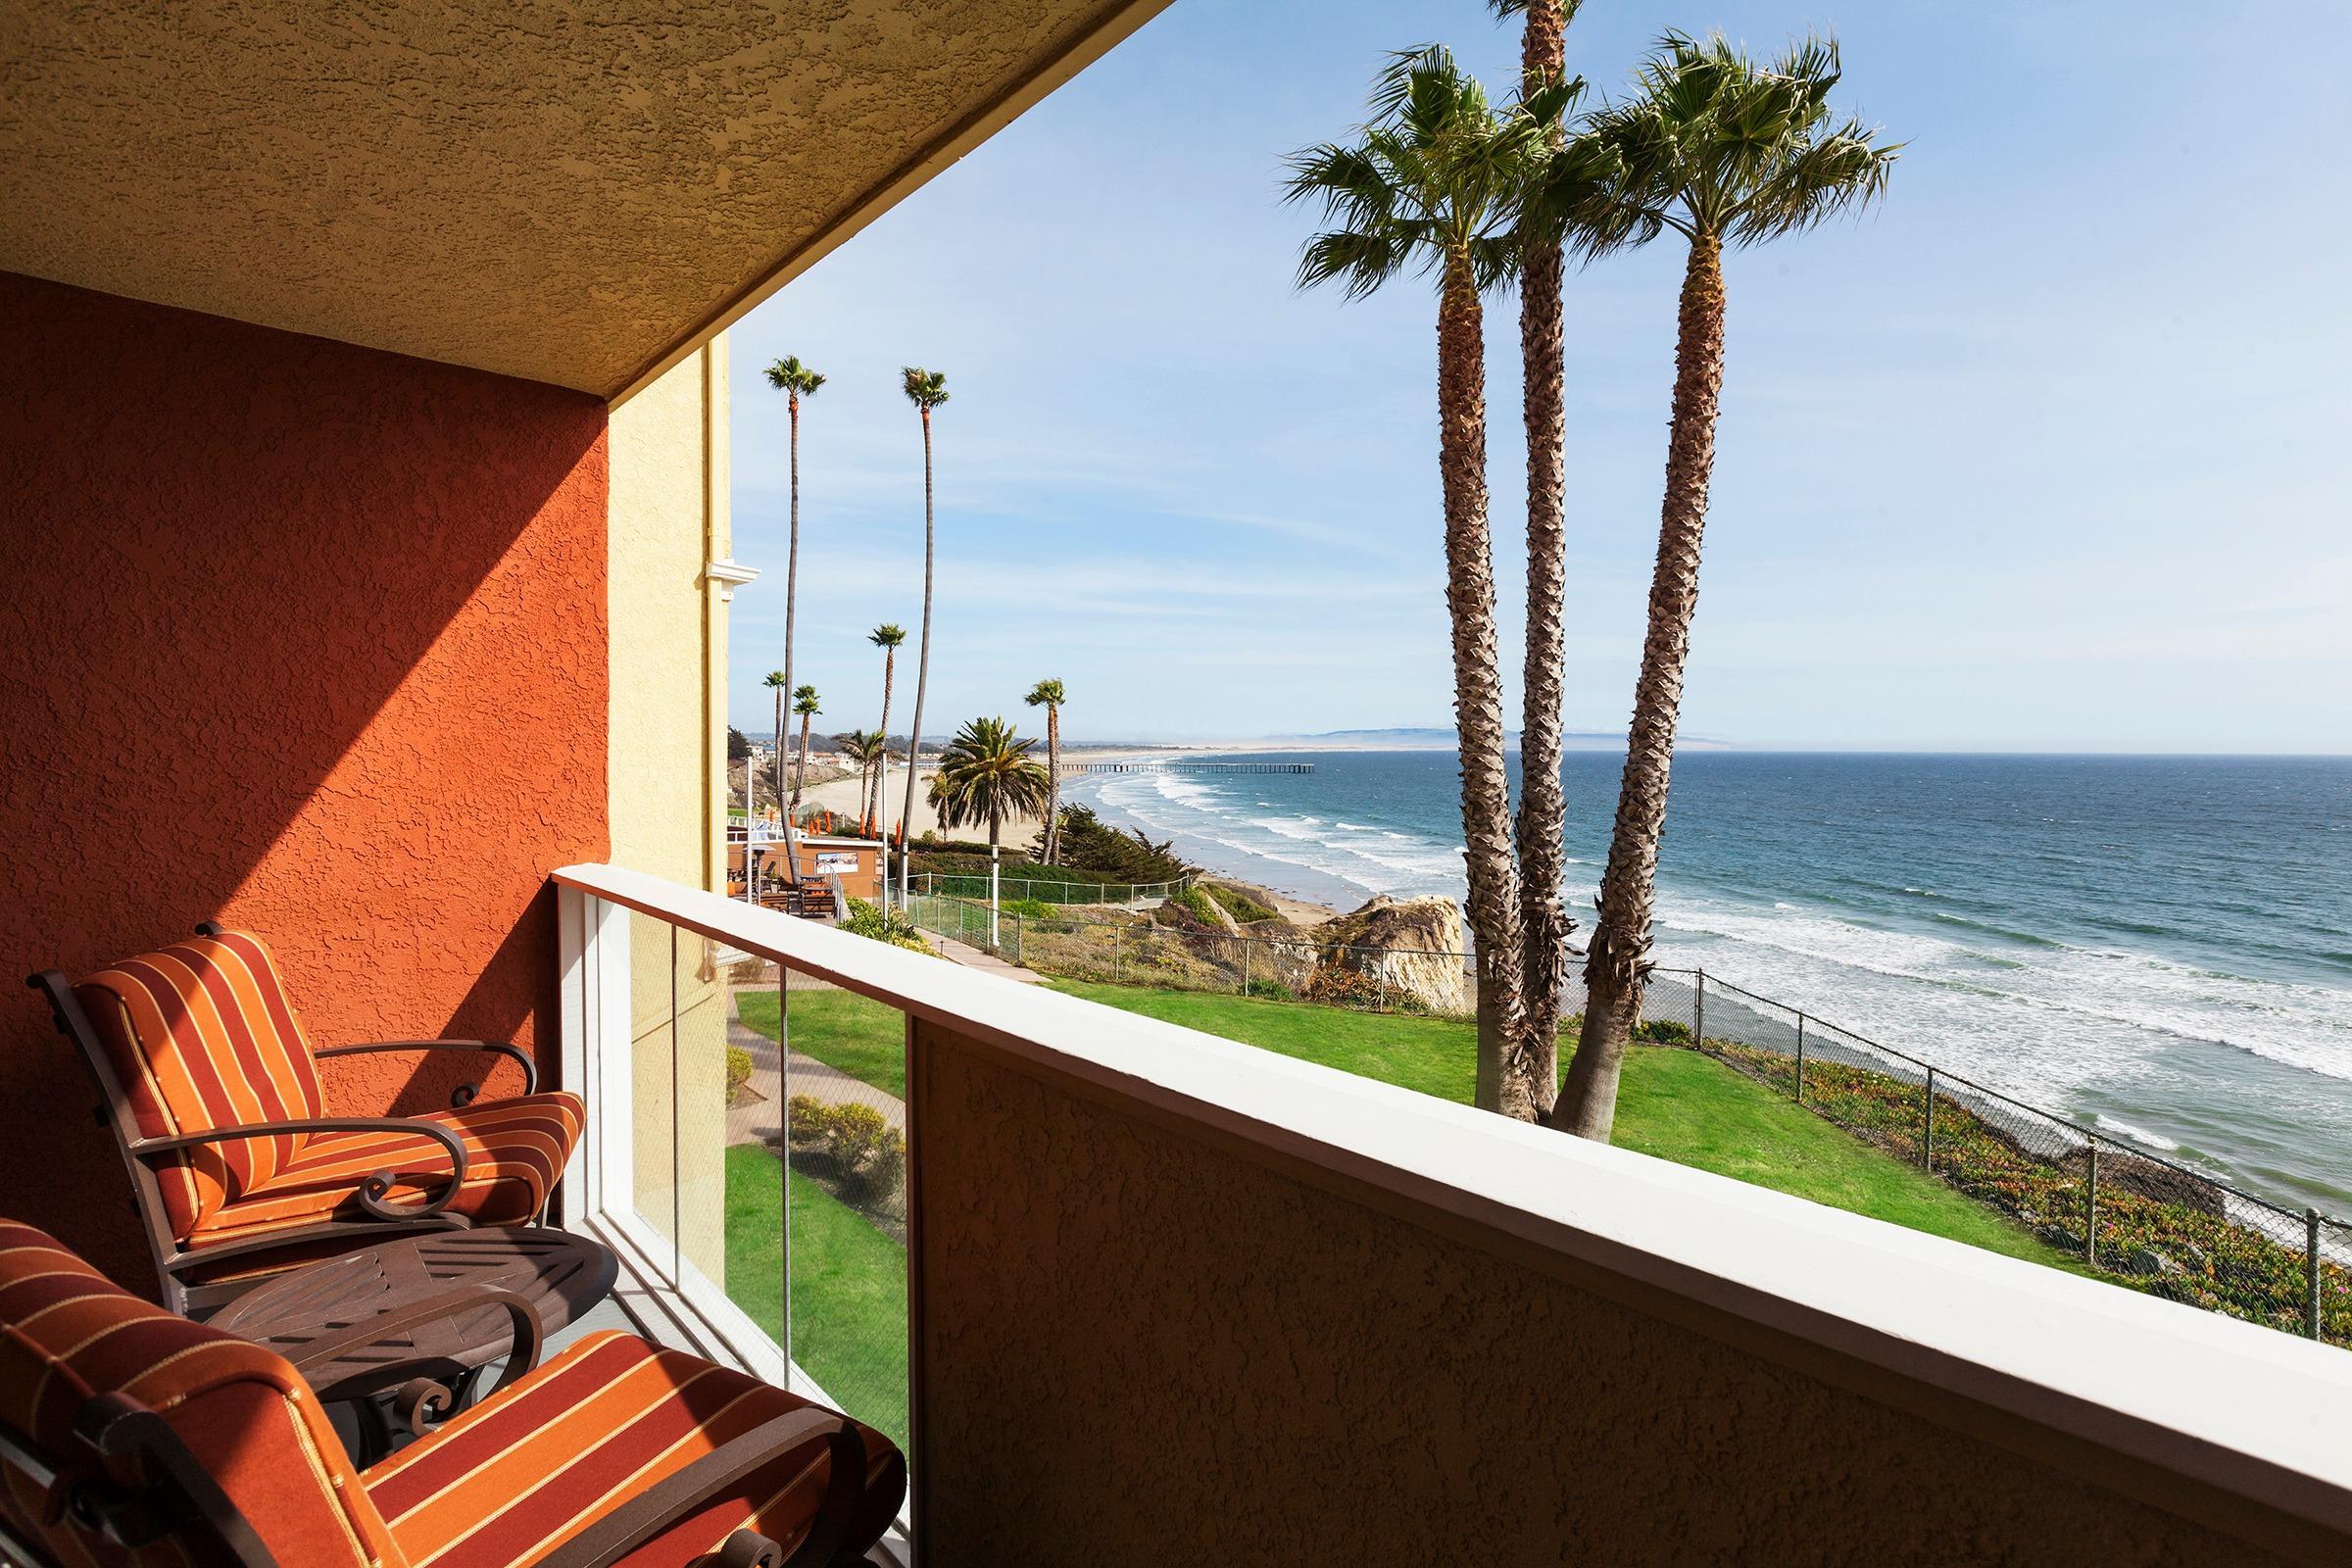 SeaCrest OceanFront Hotel image 5